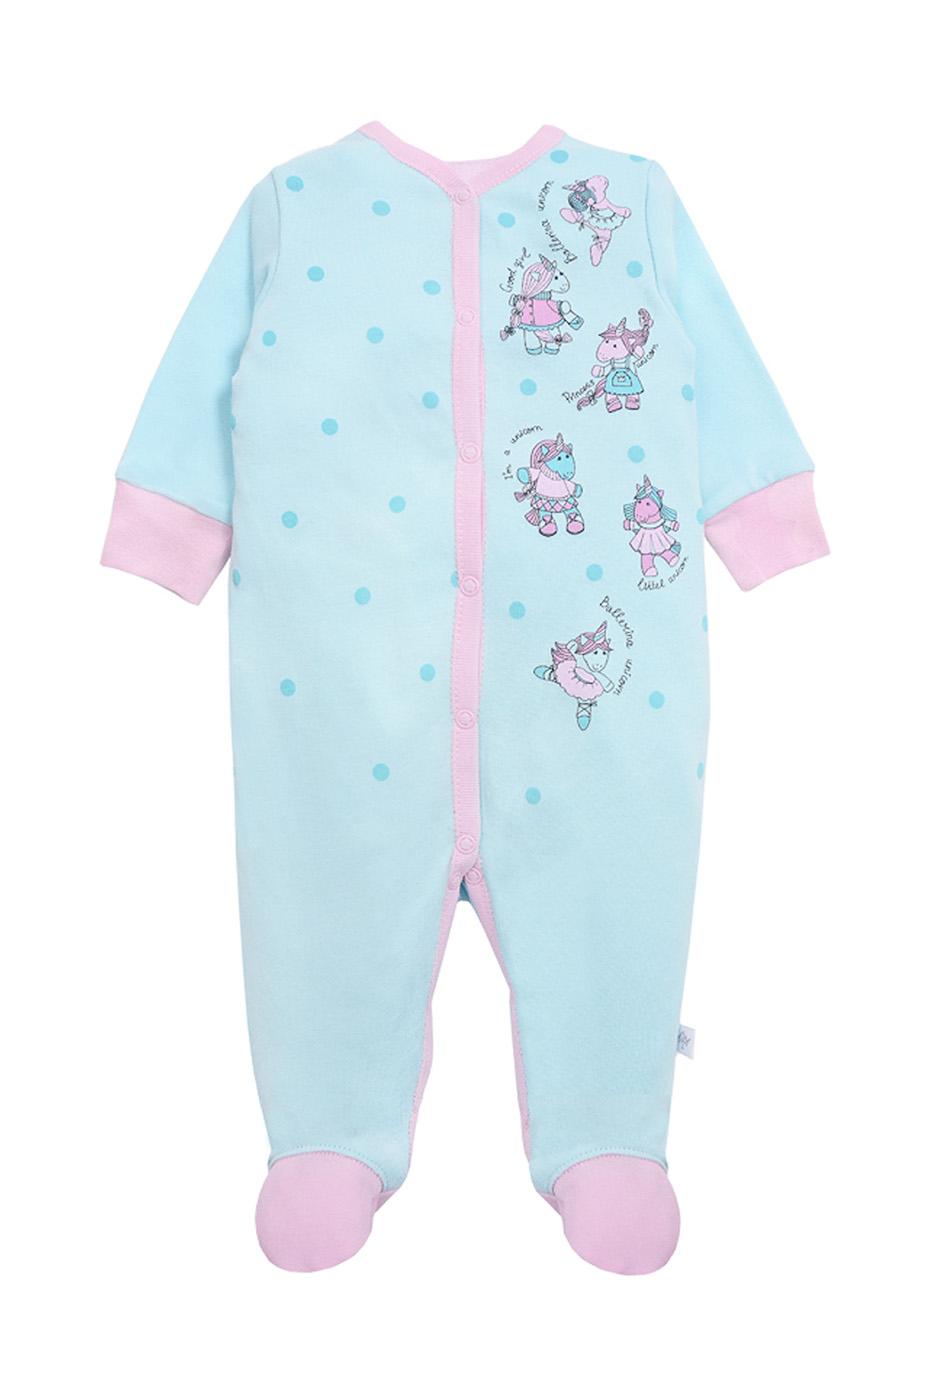 Купить 19-806, Комбинезон детский Мамуляндия, цв. голубой, р-р 74, Слипы для новорожденных